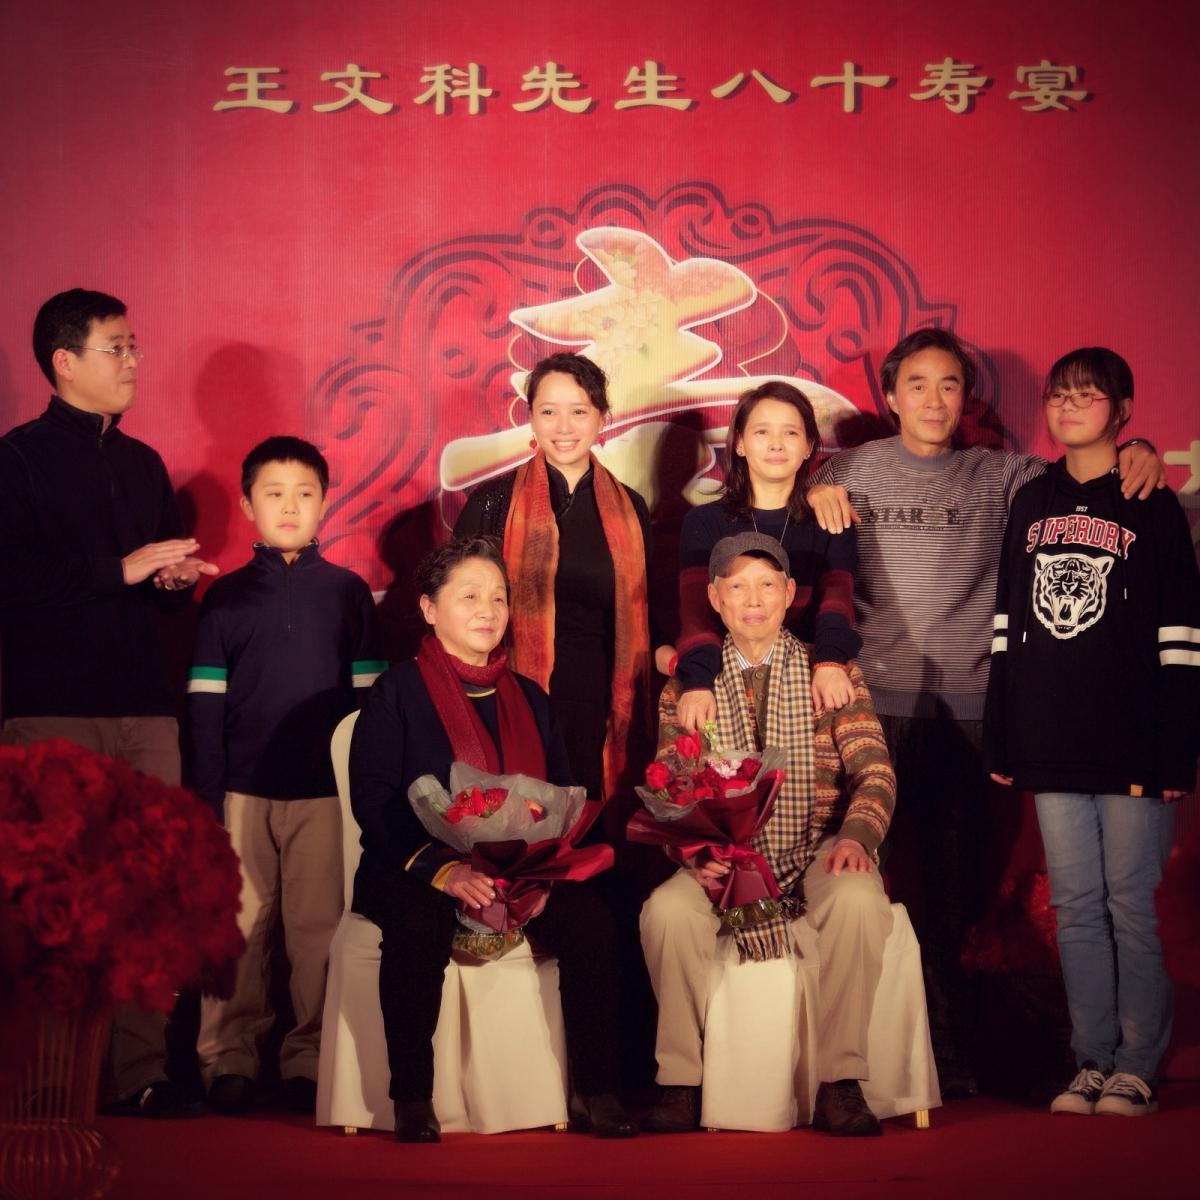 【中间偏左】八十大寿_图1-5